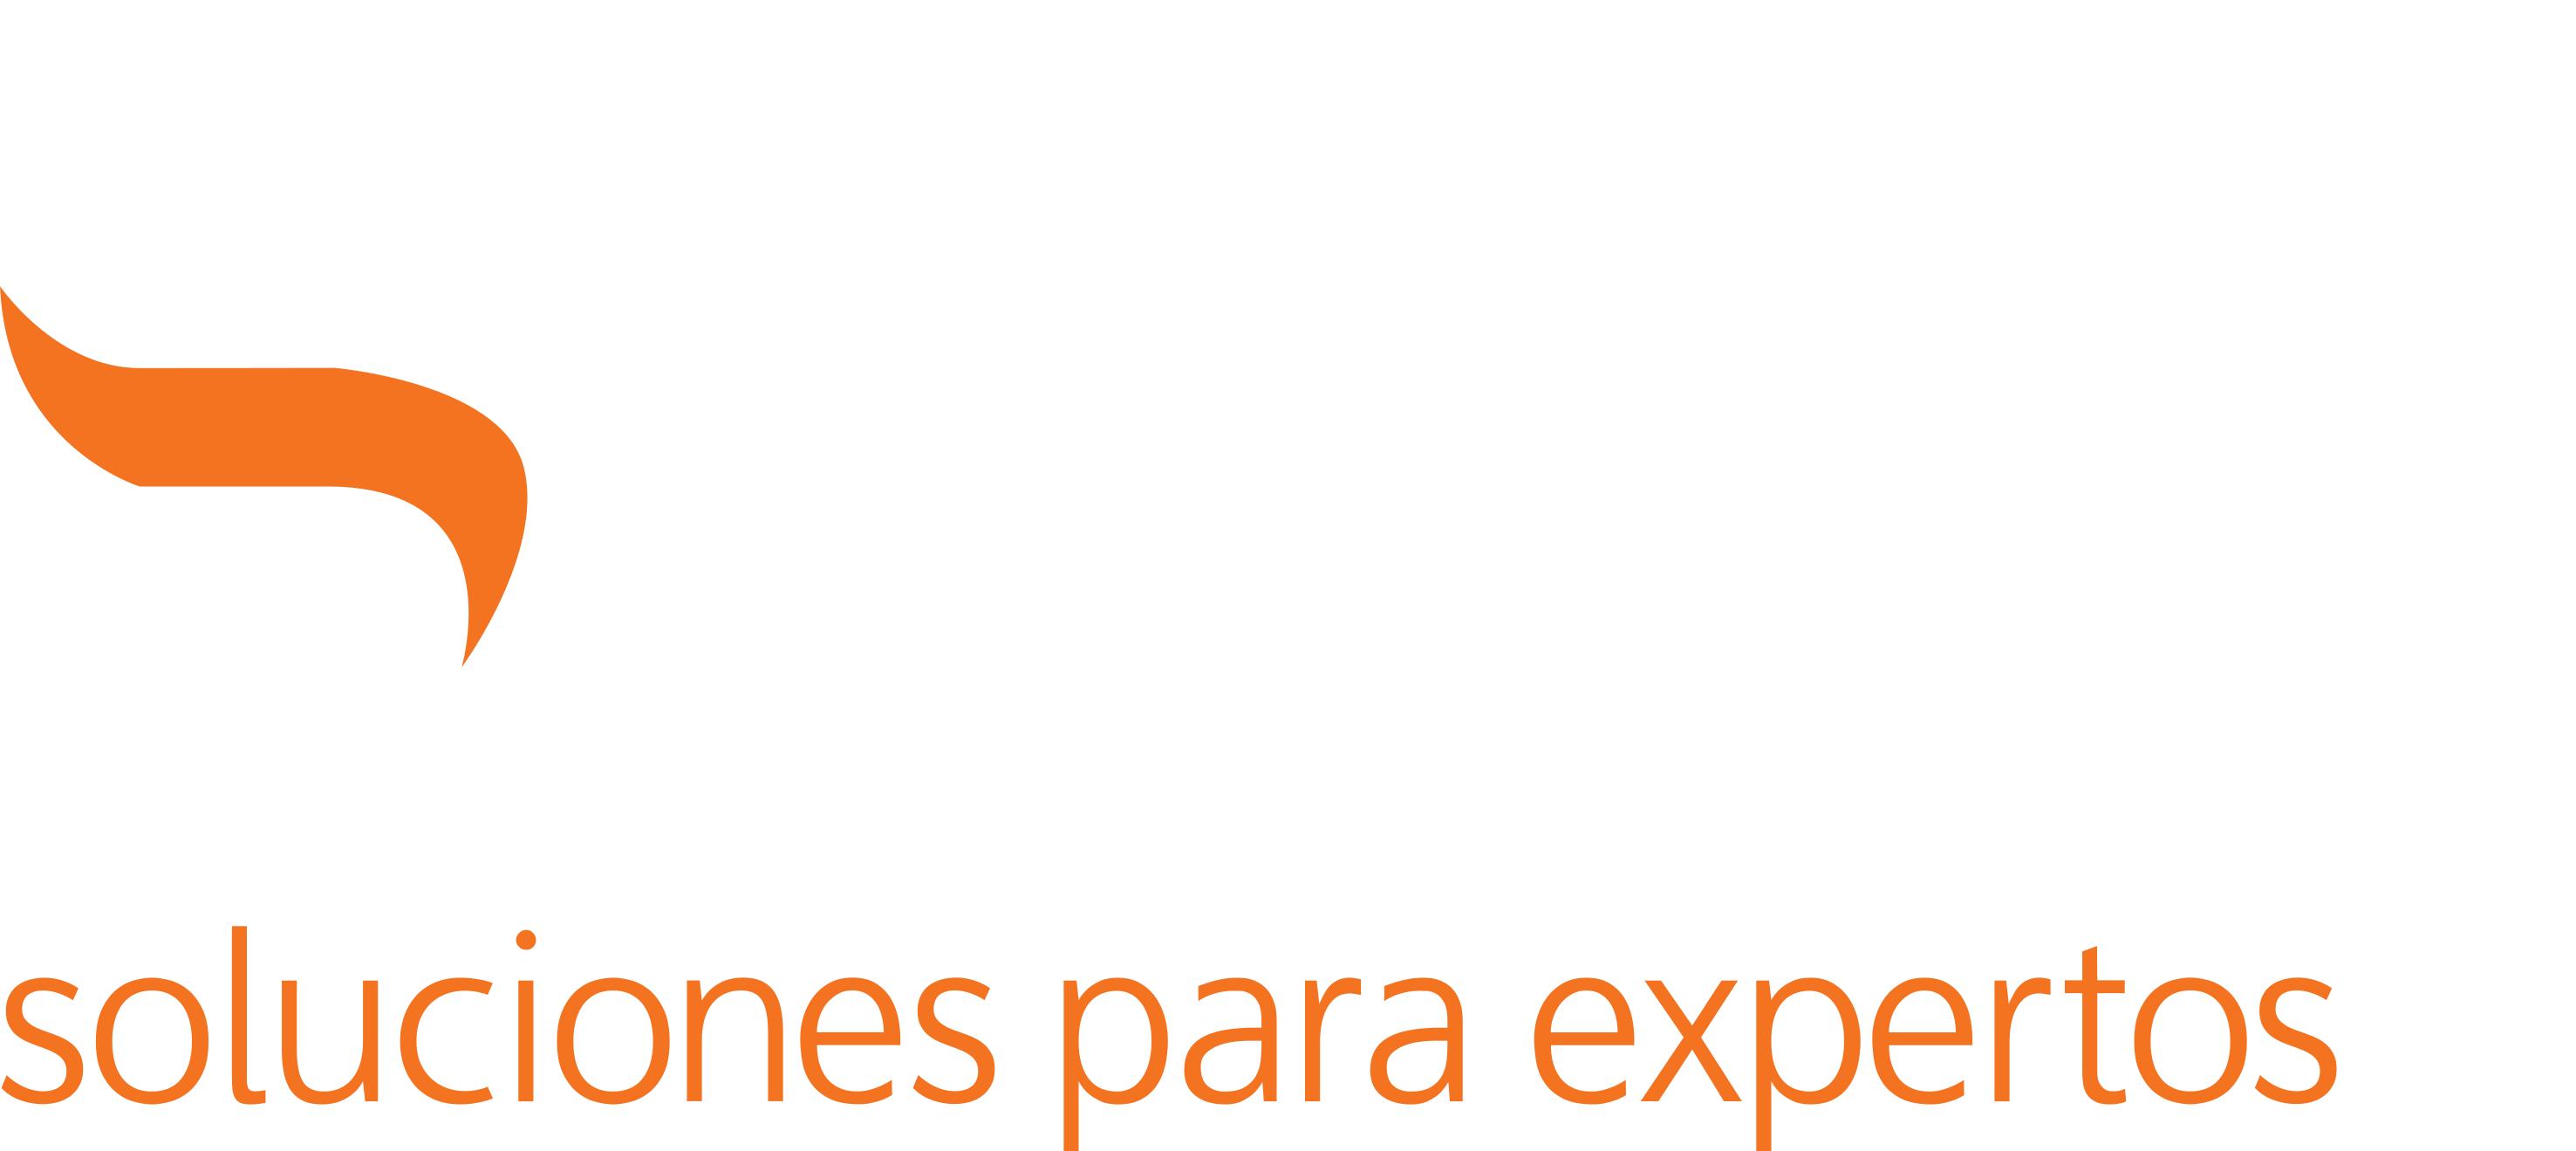 Baux: Soluciones para expertos